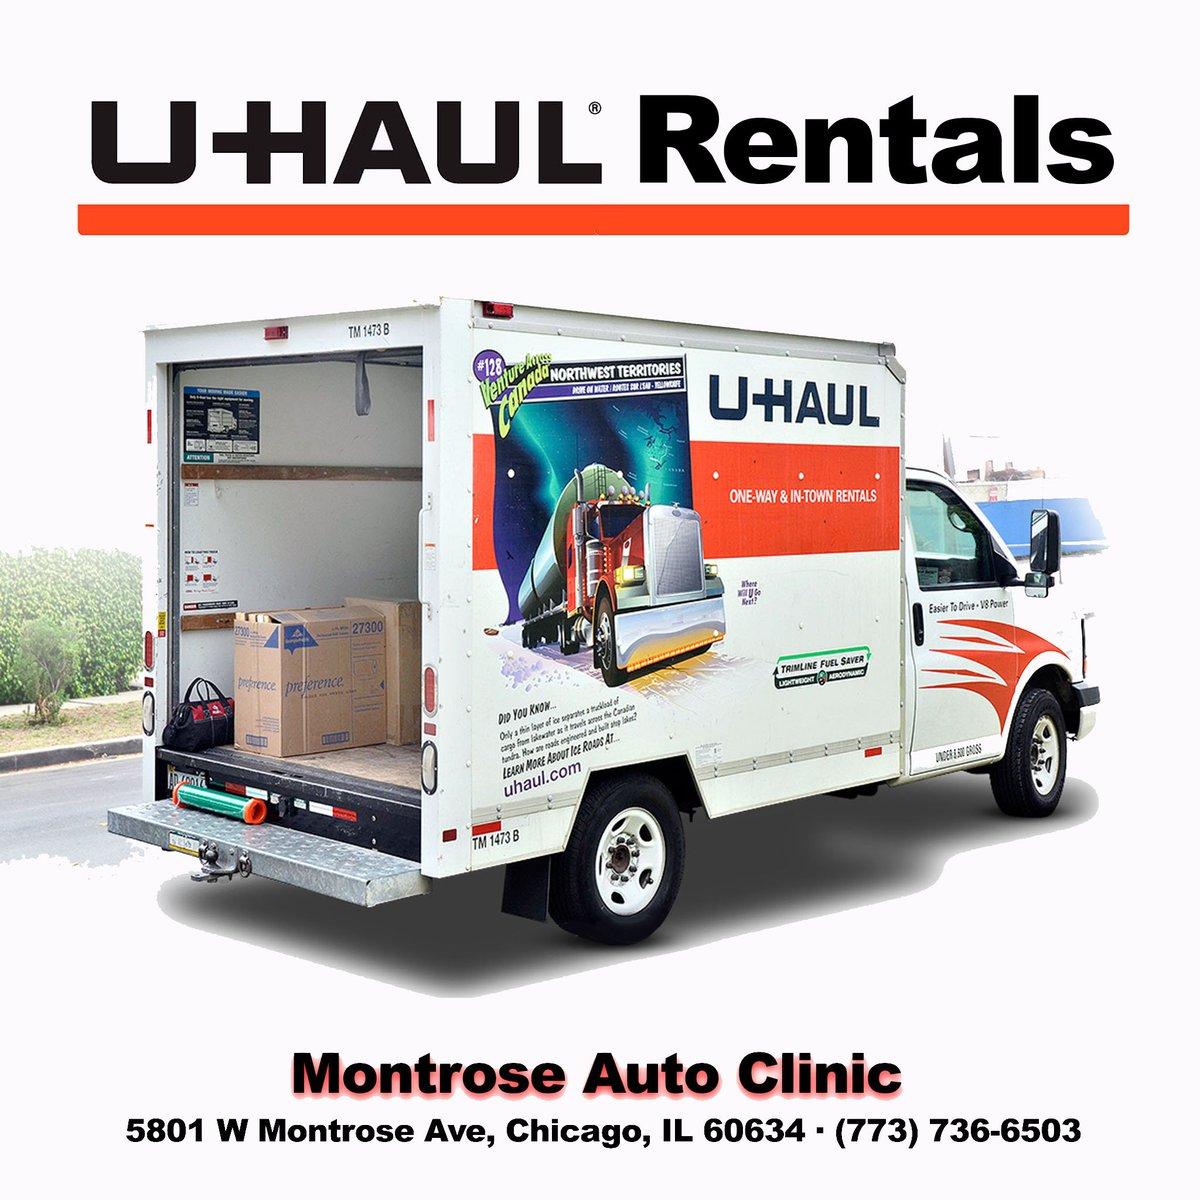 Uhaul Rental Quote Montrose Auto Clinic Montrose_Auto  Twitter